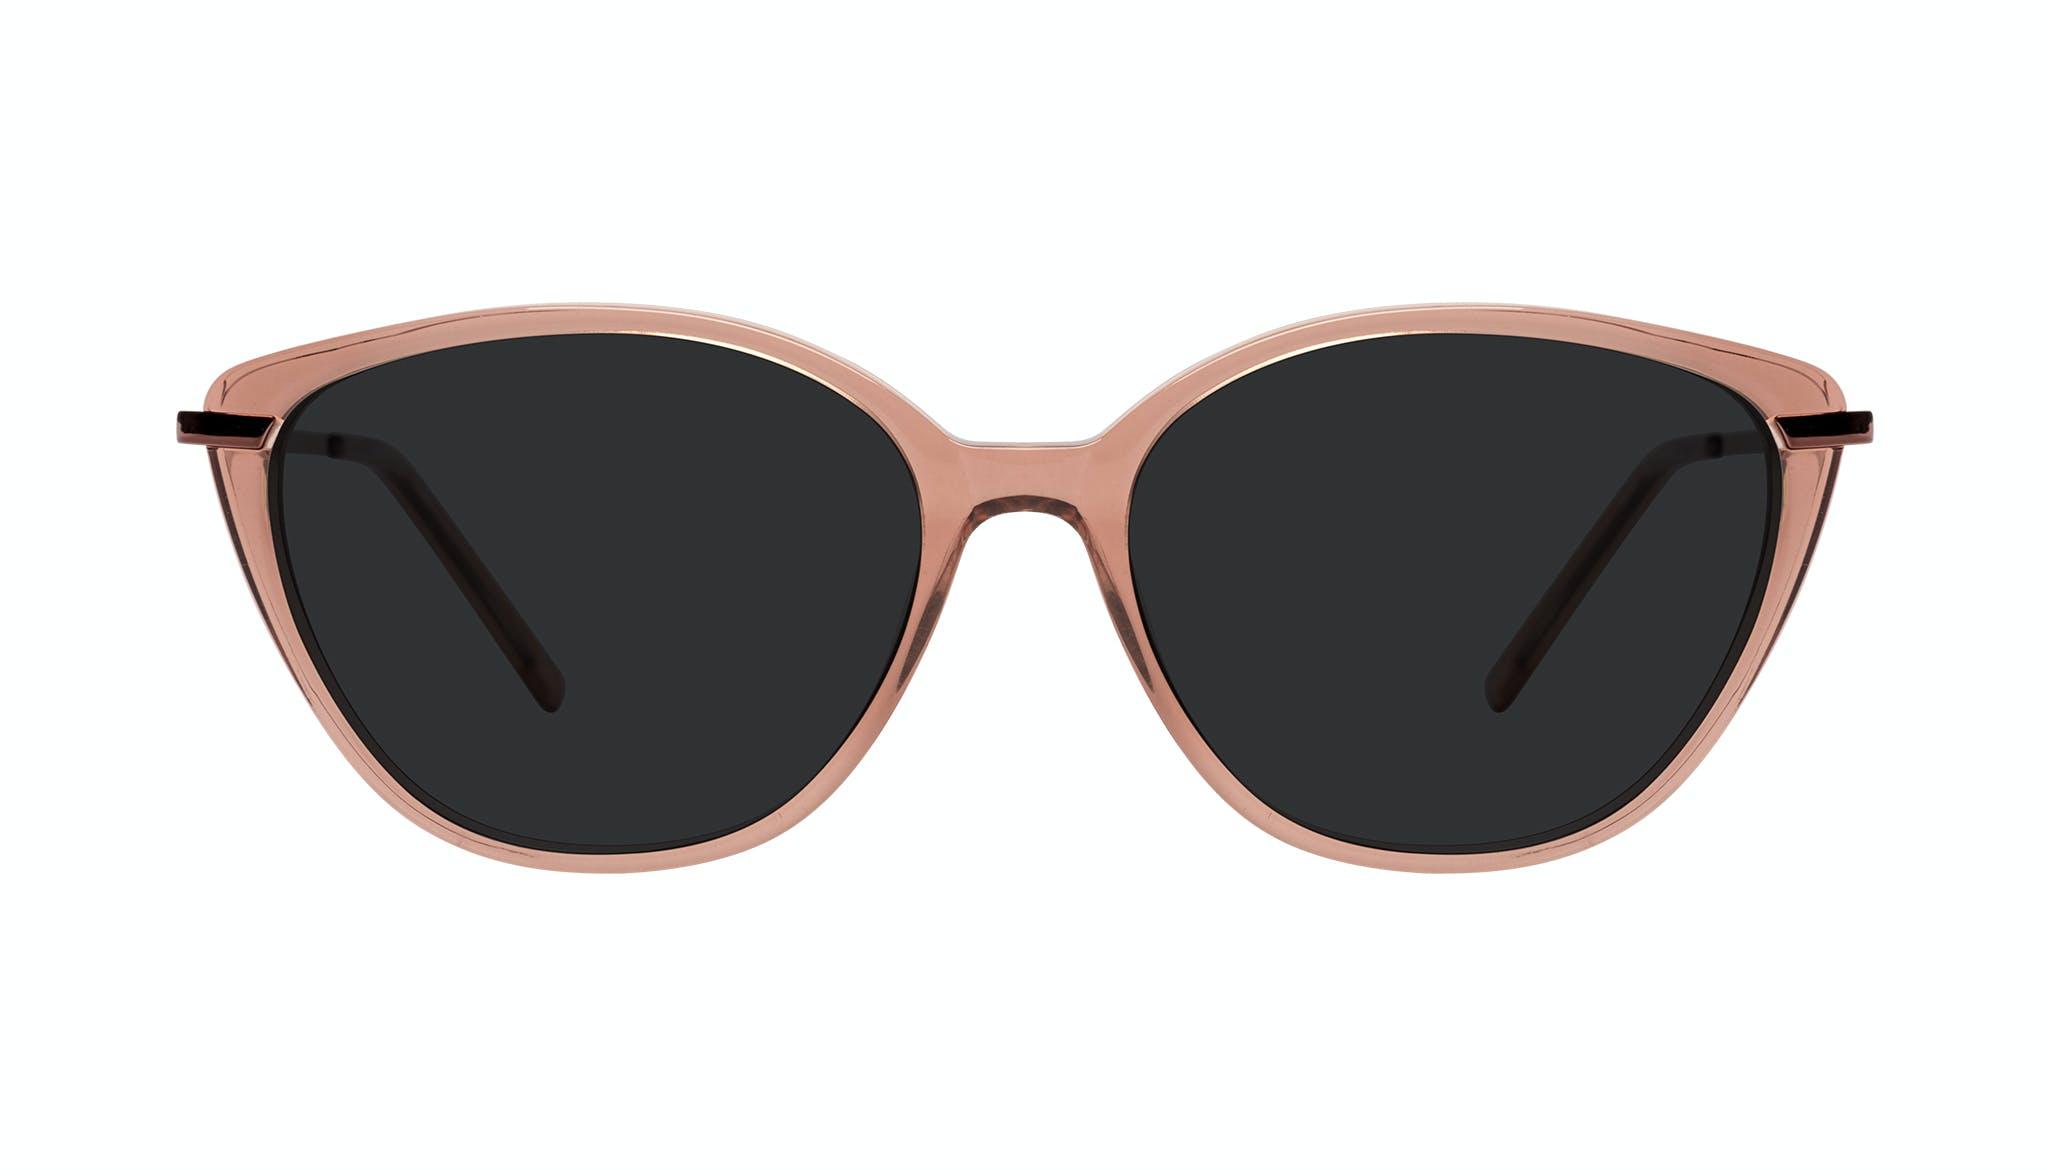 Lunettes tendance Oeil de chat Lunettes de soleil Femmes Illusion Plus Rose Face